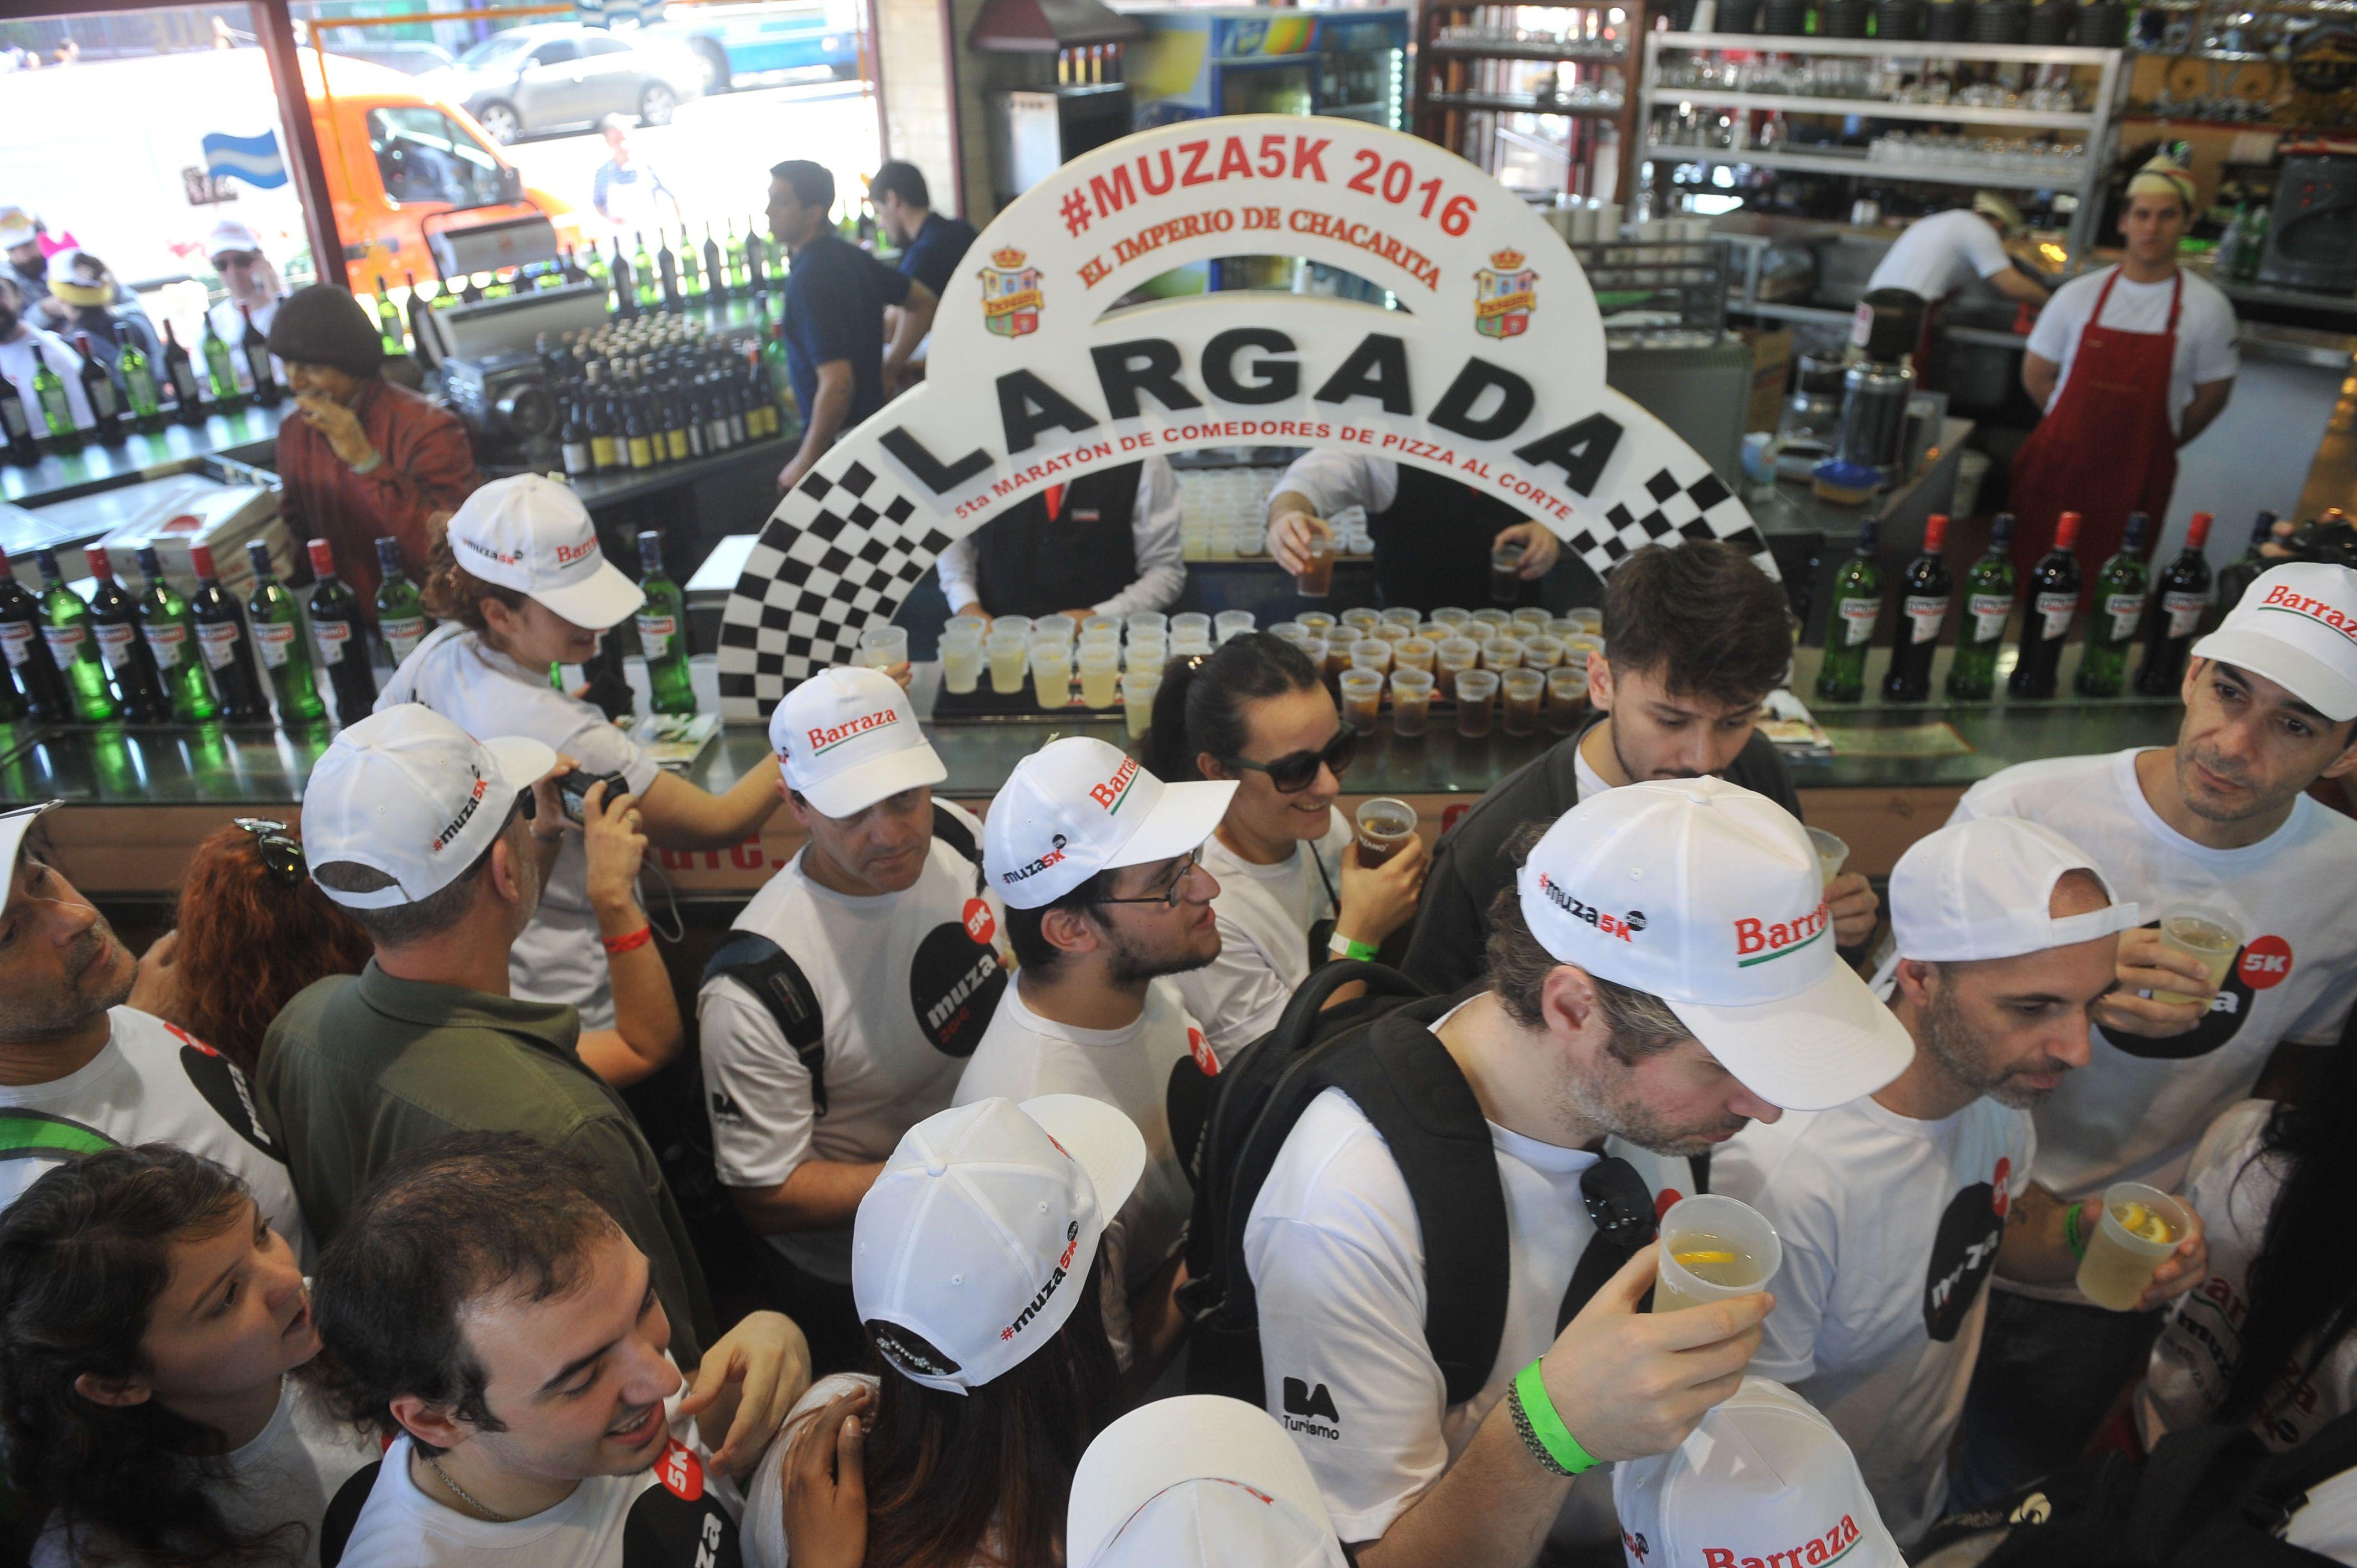 Unas 500 personas participaron de la quinta edición de la Maratón de los fanáticos de la pizza